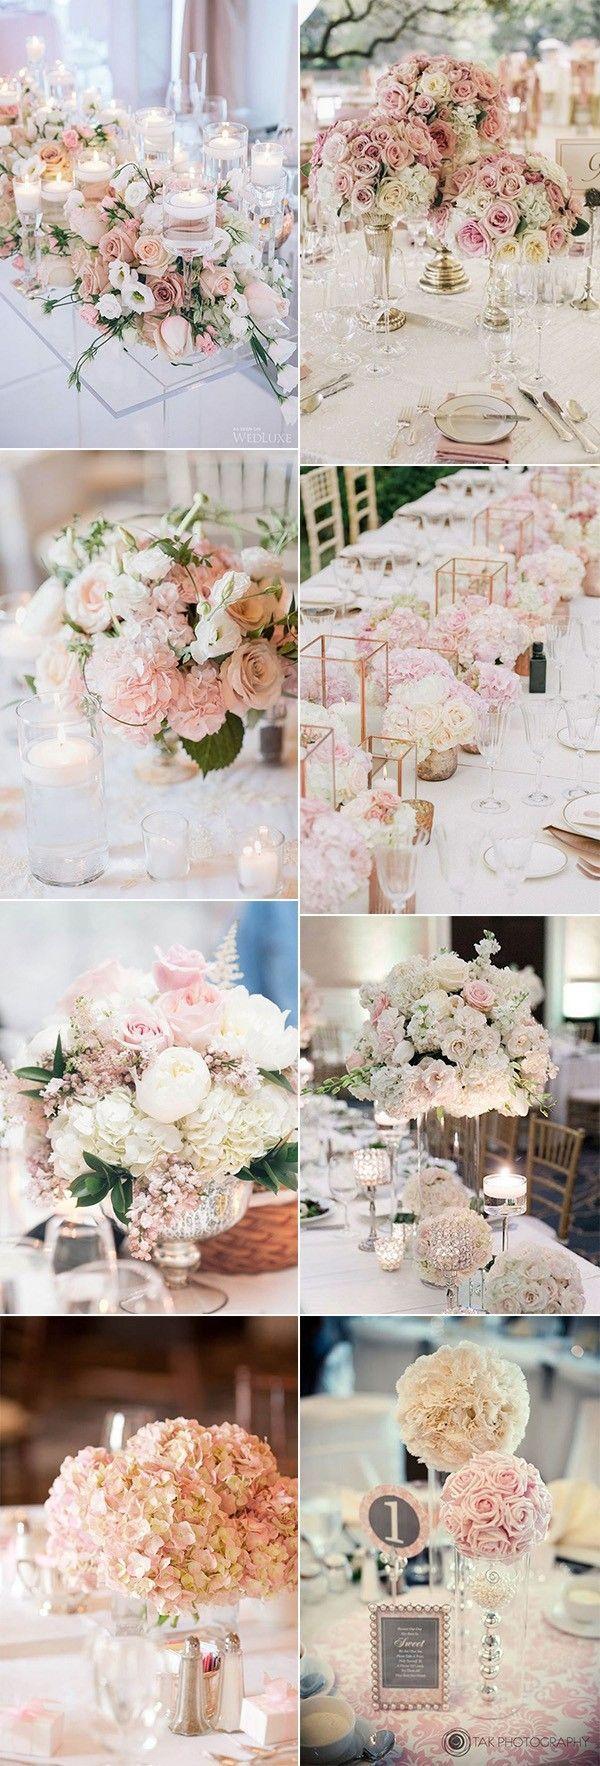 Great Trending Rouge Pink Wedding Centerpieces